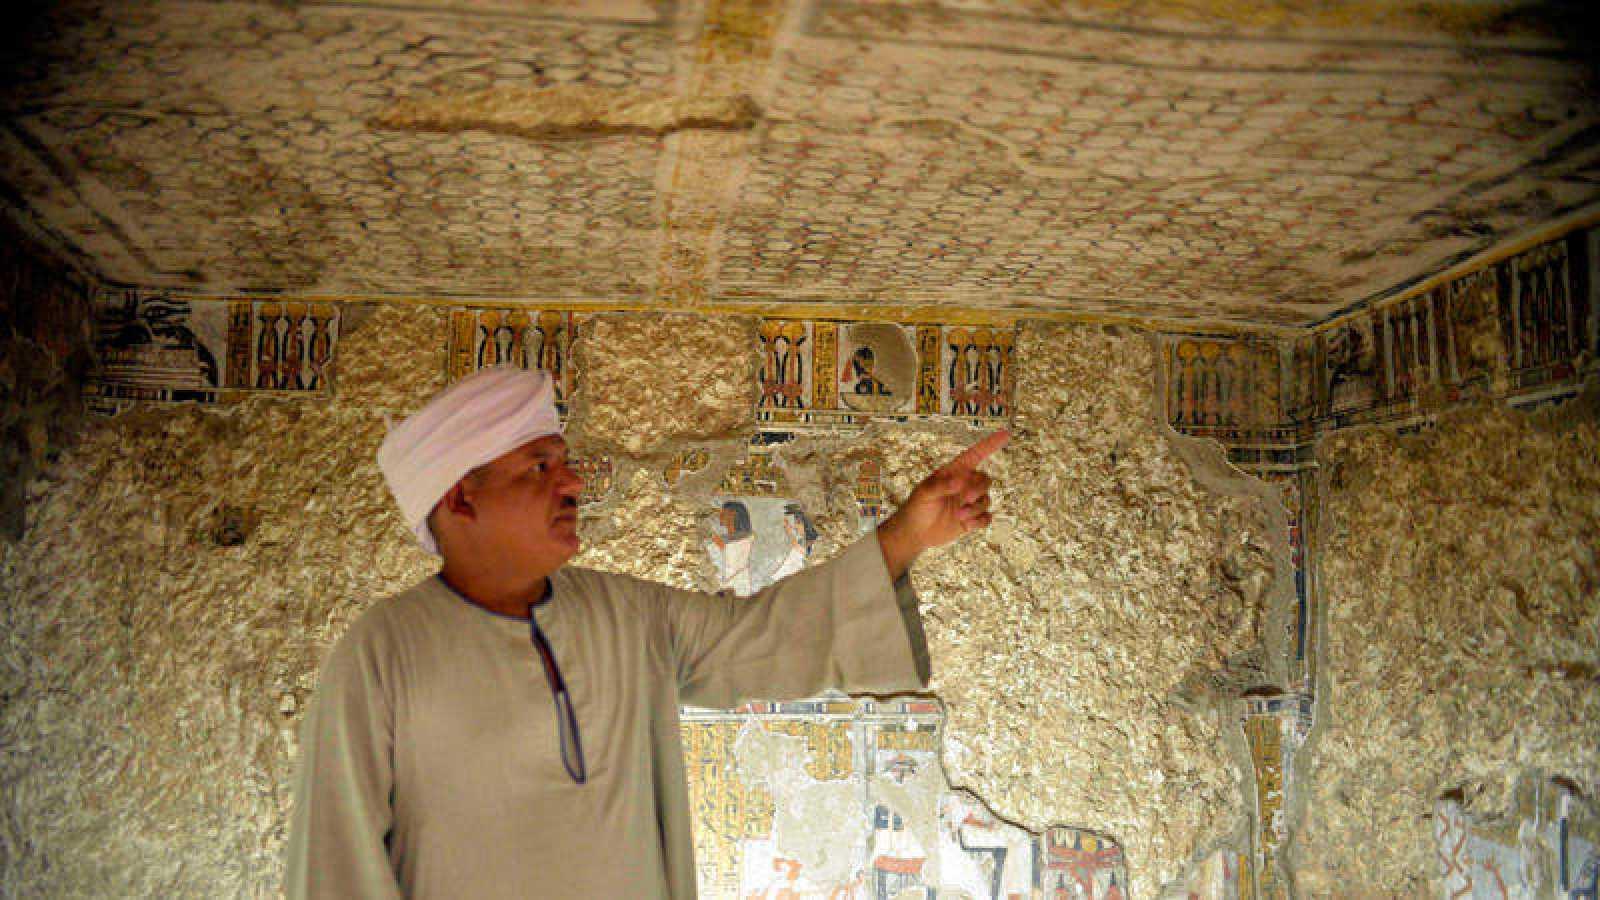 Un arqueólogo egipcio muestra una de las tumbas inauguradas en Luxor